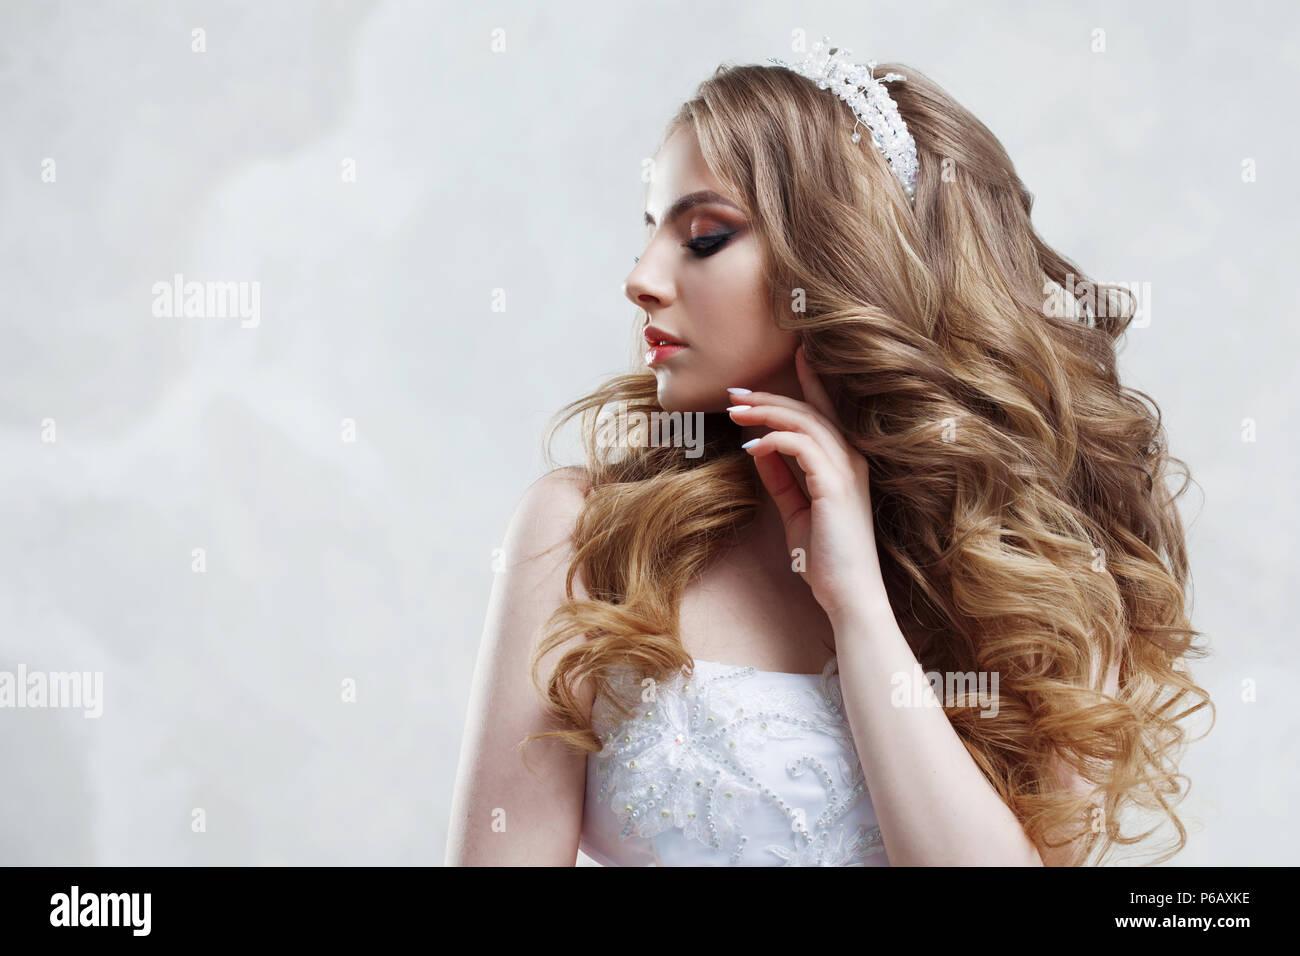 Junge Hübsche Braut Im Brautkleid Make Up Und Frisur Mit Voluminöse